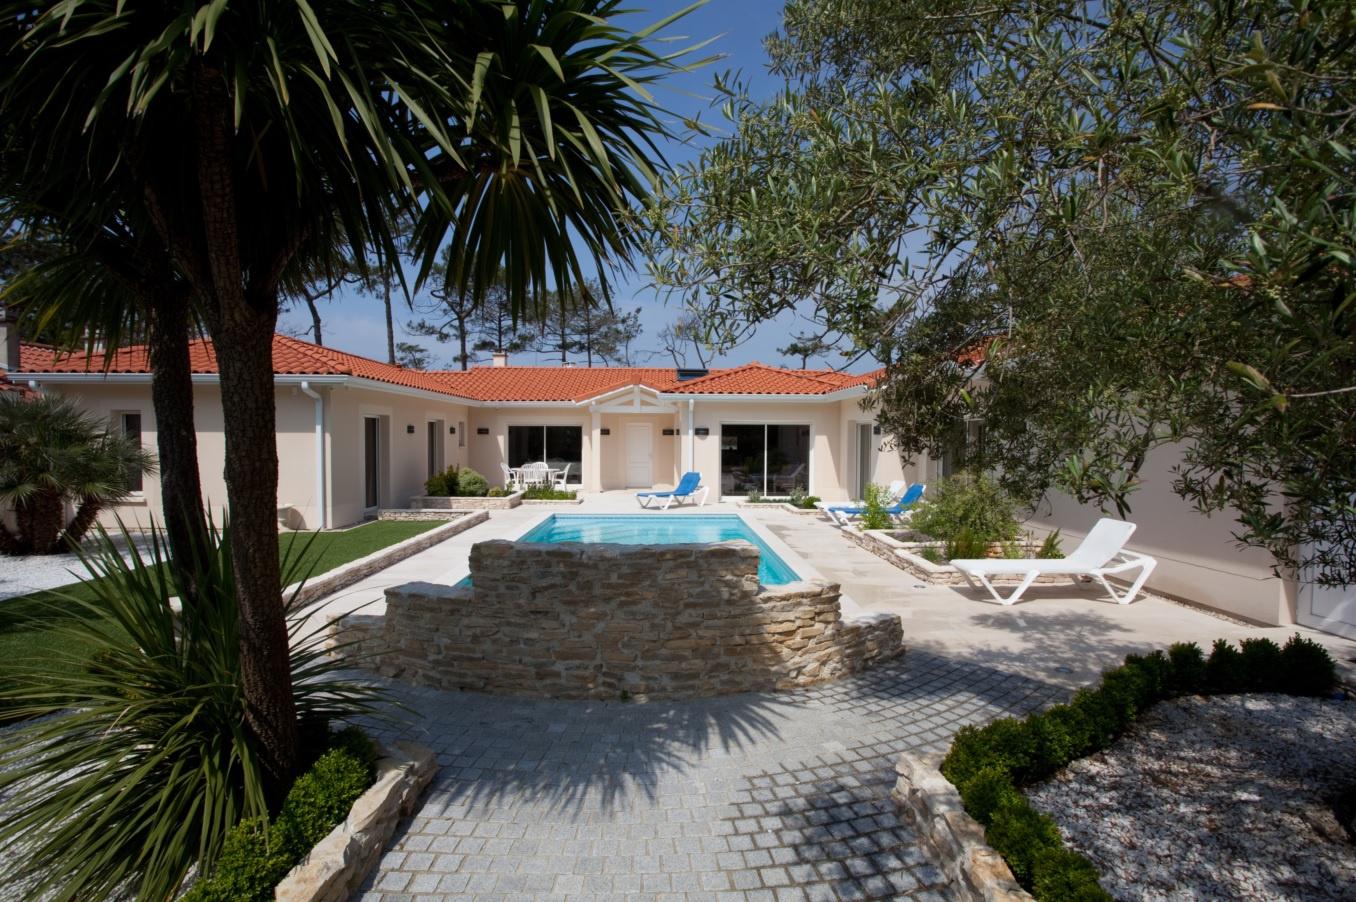 Vente appartements maisons et villas biscarosse plage for Achat appartement maison